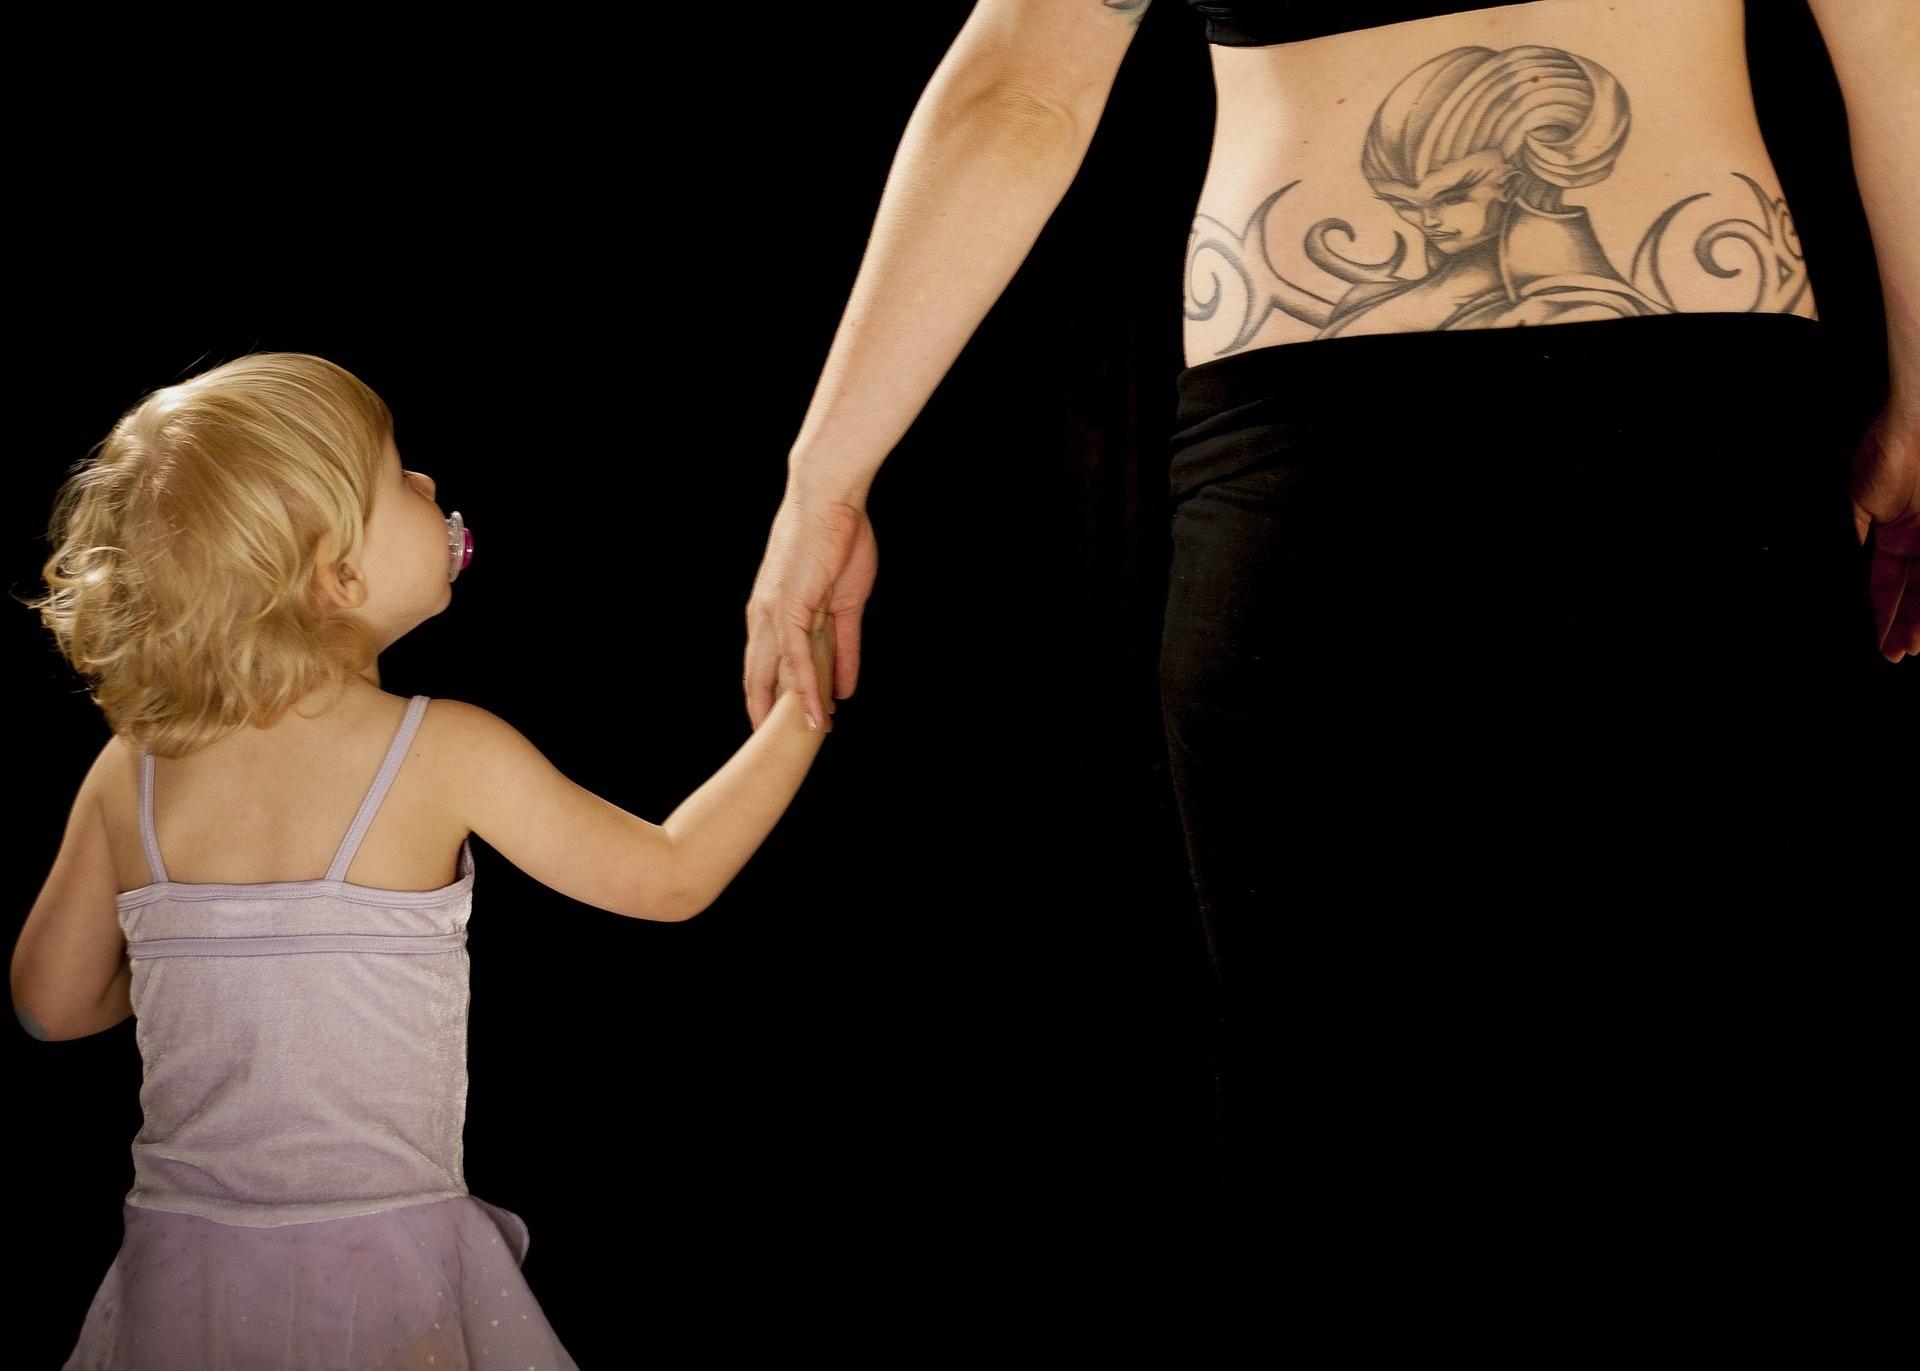 Le più belle frasi per tatuaggi da dedicare ai figli